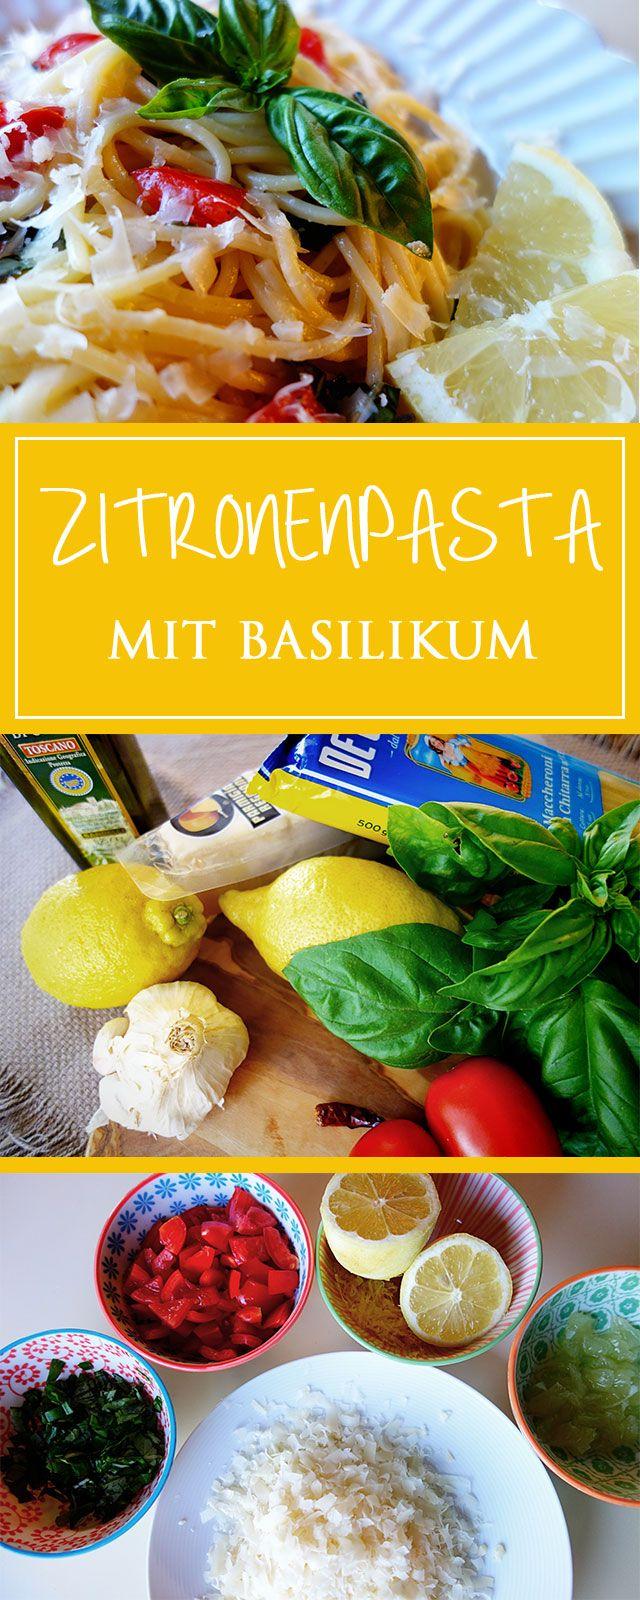 Zitronenpasta mit Basilikum - ein frisches, schnelles & herrlich zitroniges Rezept! Zudem glutenfrei, vegetarisch & toll im Sommer ❤️| cucina-con-amore.de